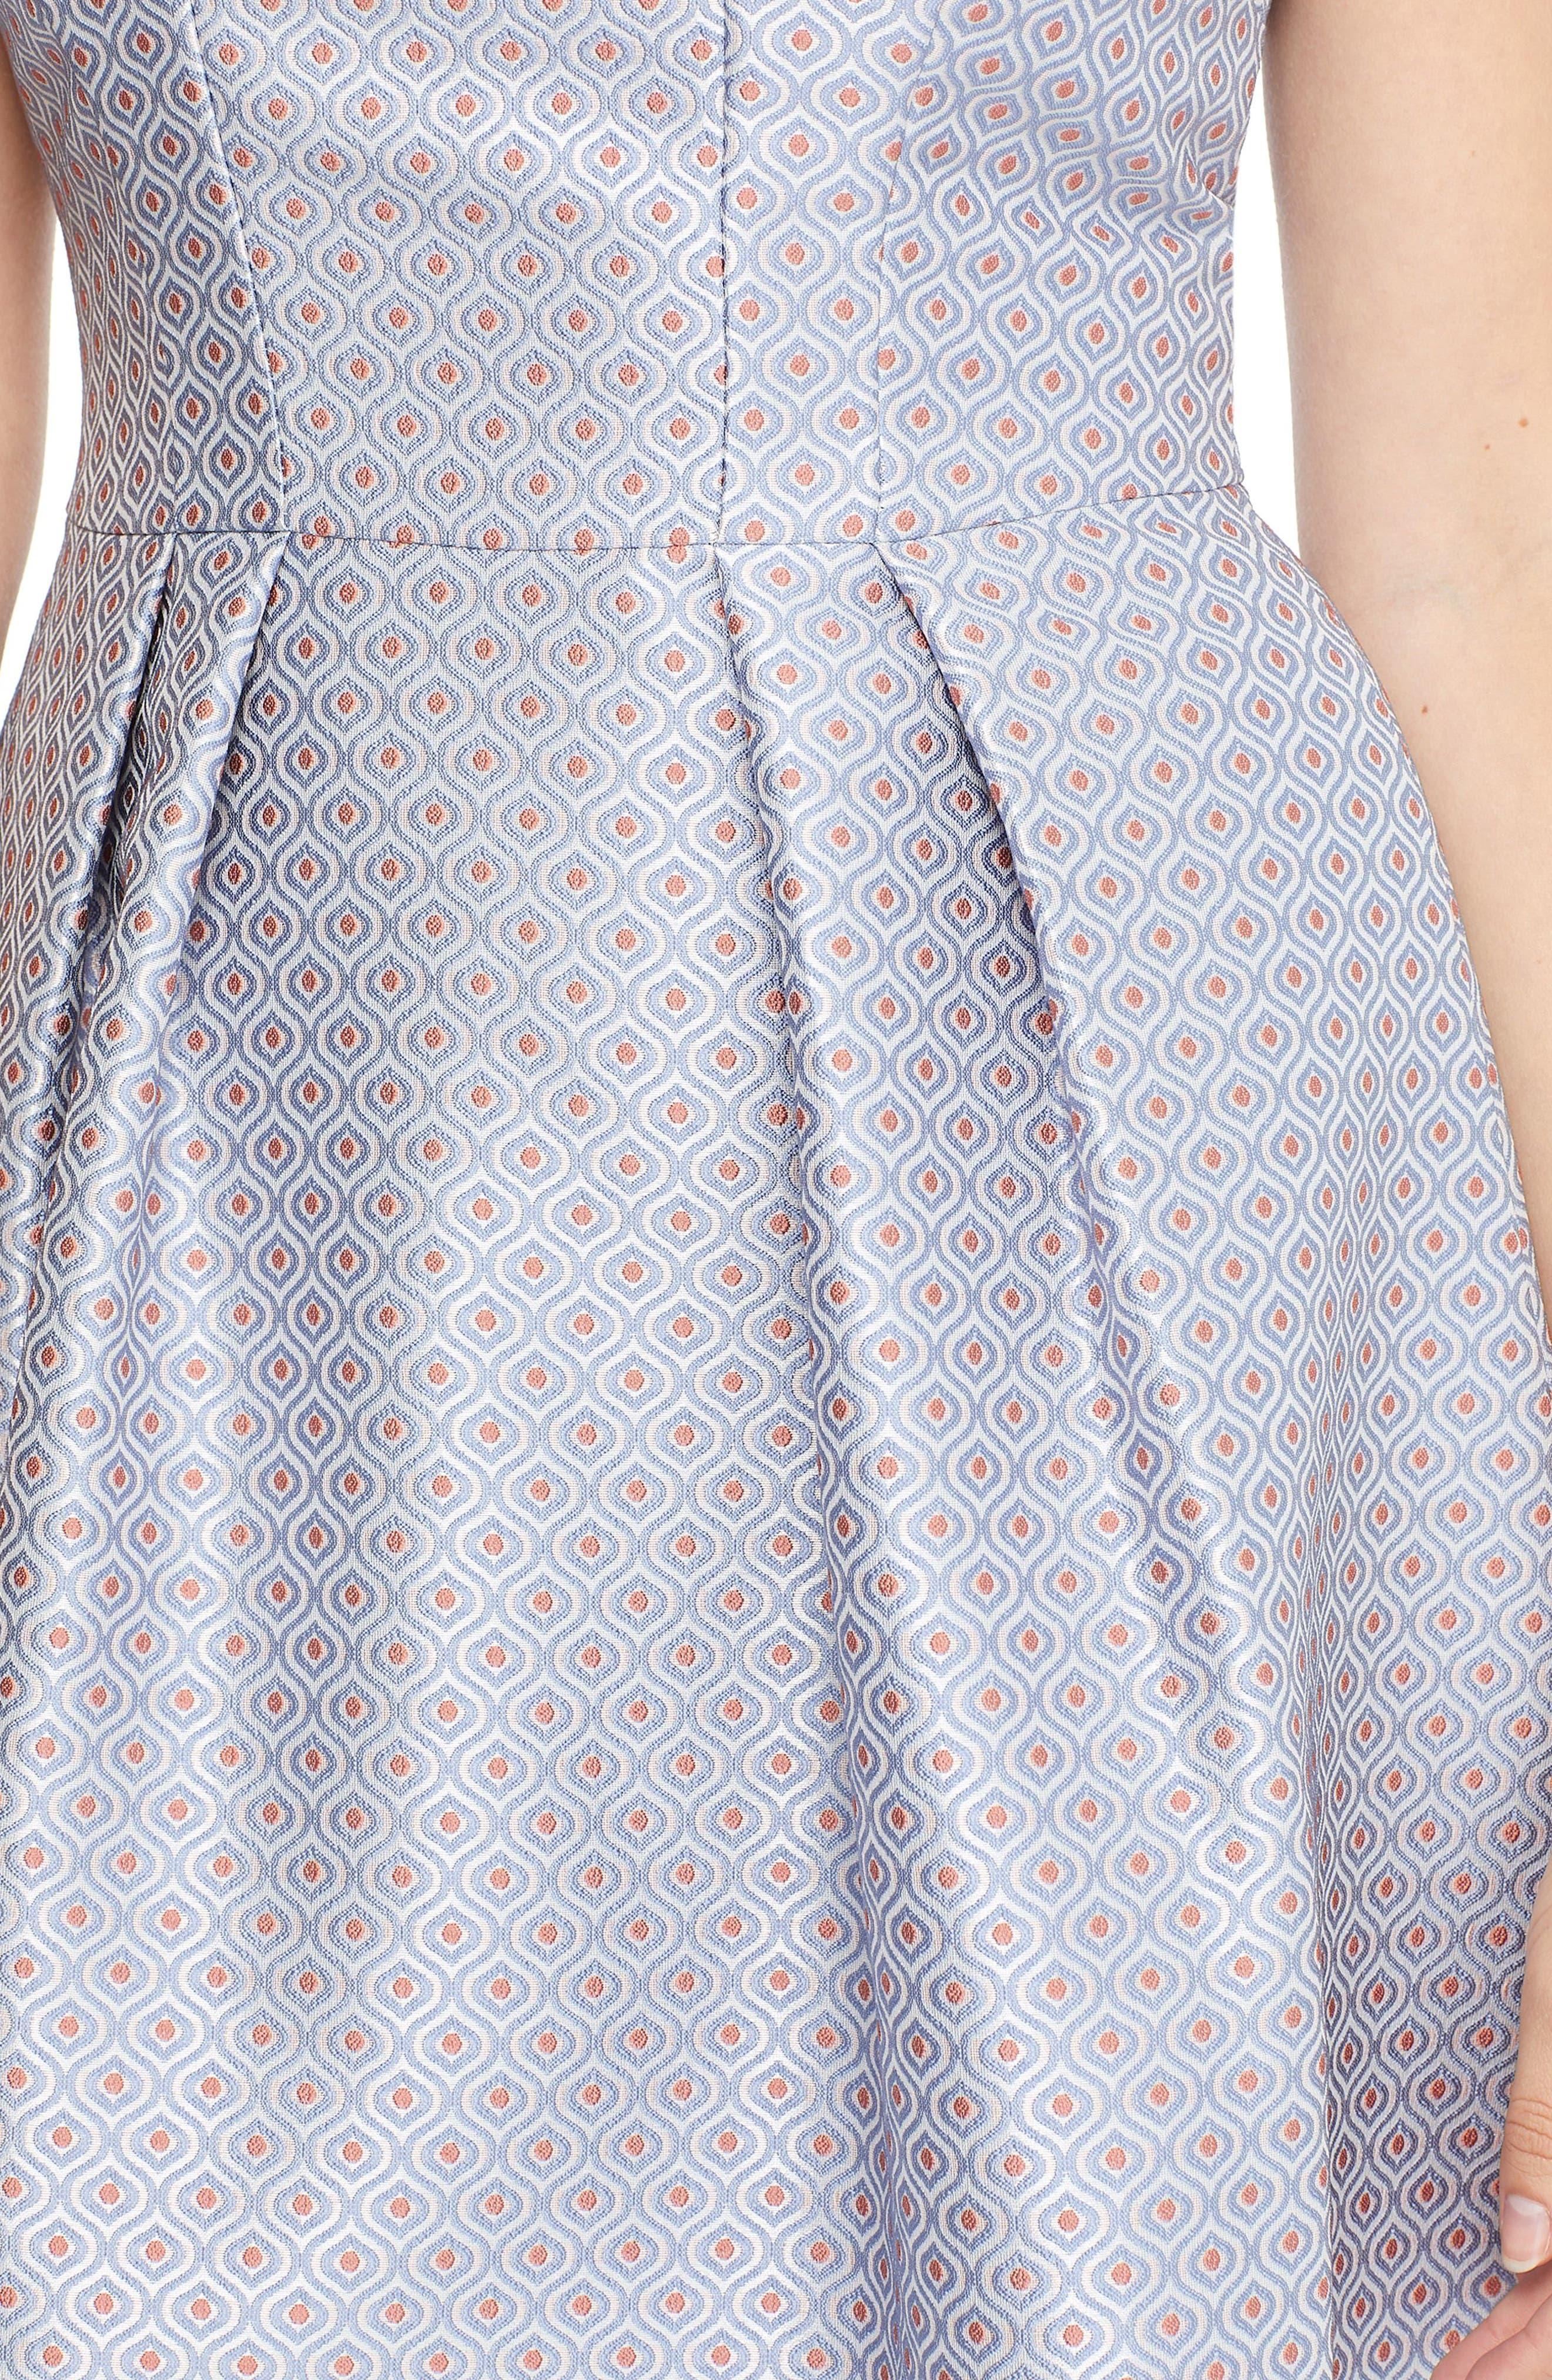 Cosette Jacquard Fit & Flare Dress,                             Alternate thumbnail 3, color,                             BLUE MULTI